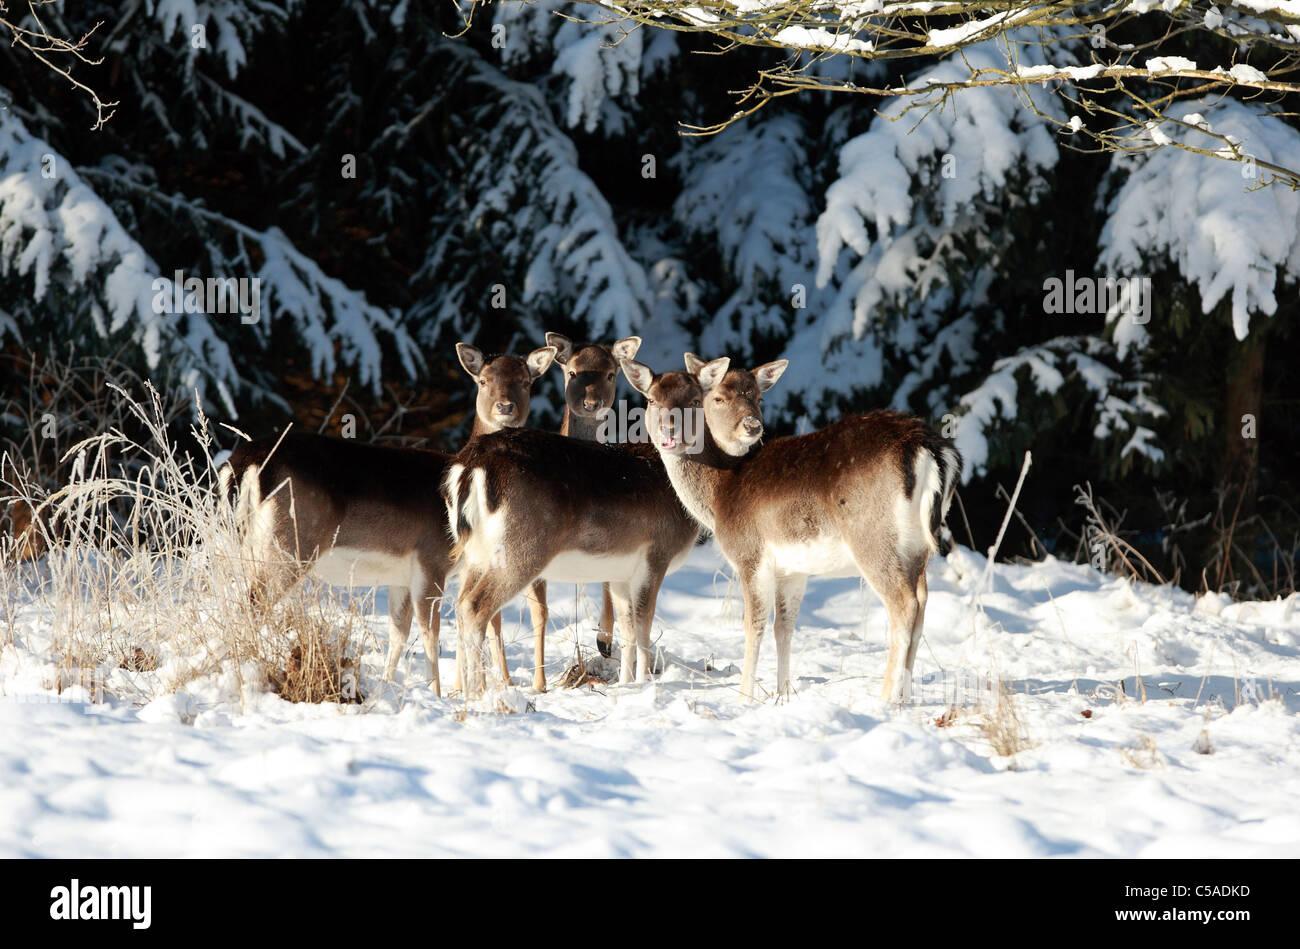 Roe deer in snow - Stock Image